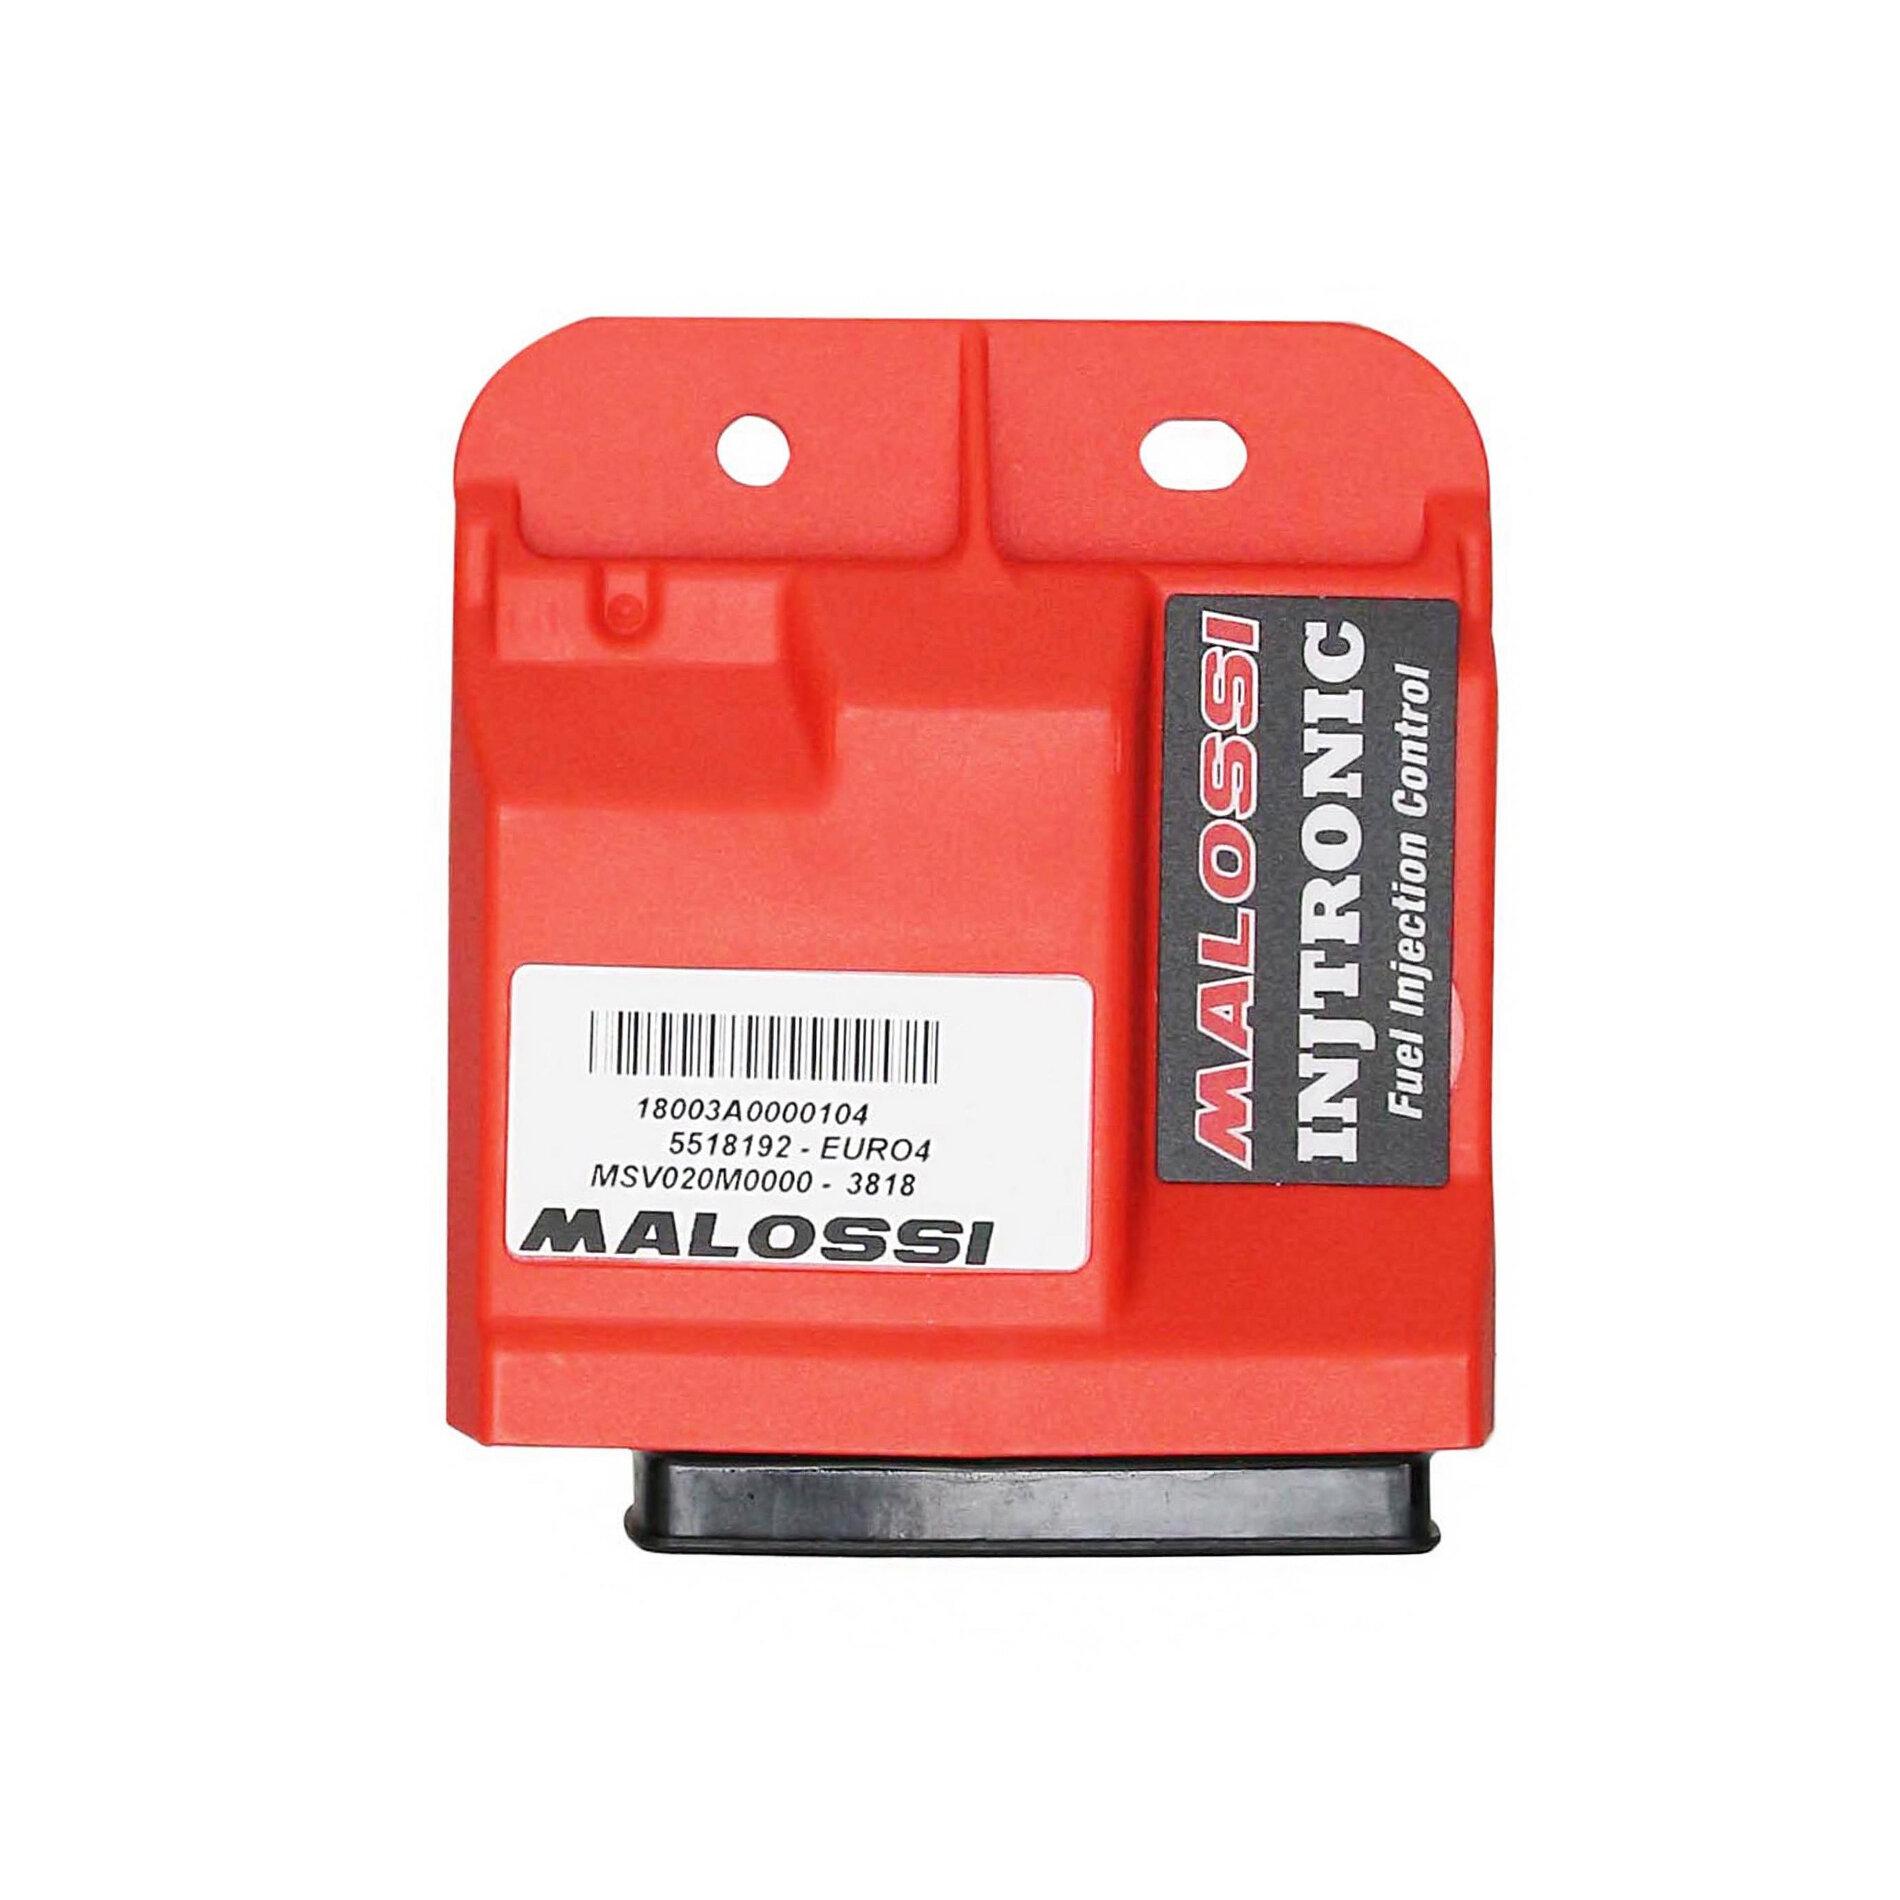 Boîtier CDI Malossi Digitronic avec manchon Piaggio 50 ZIP Iget / Libe